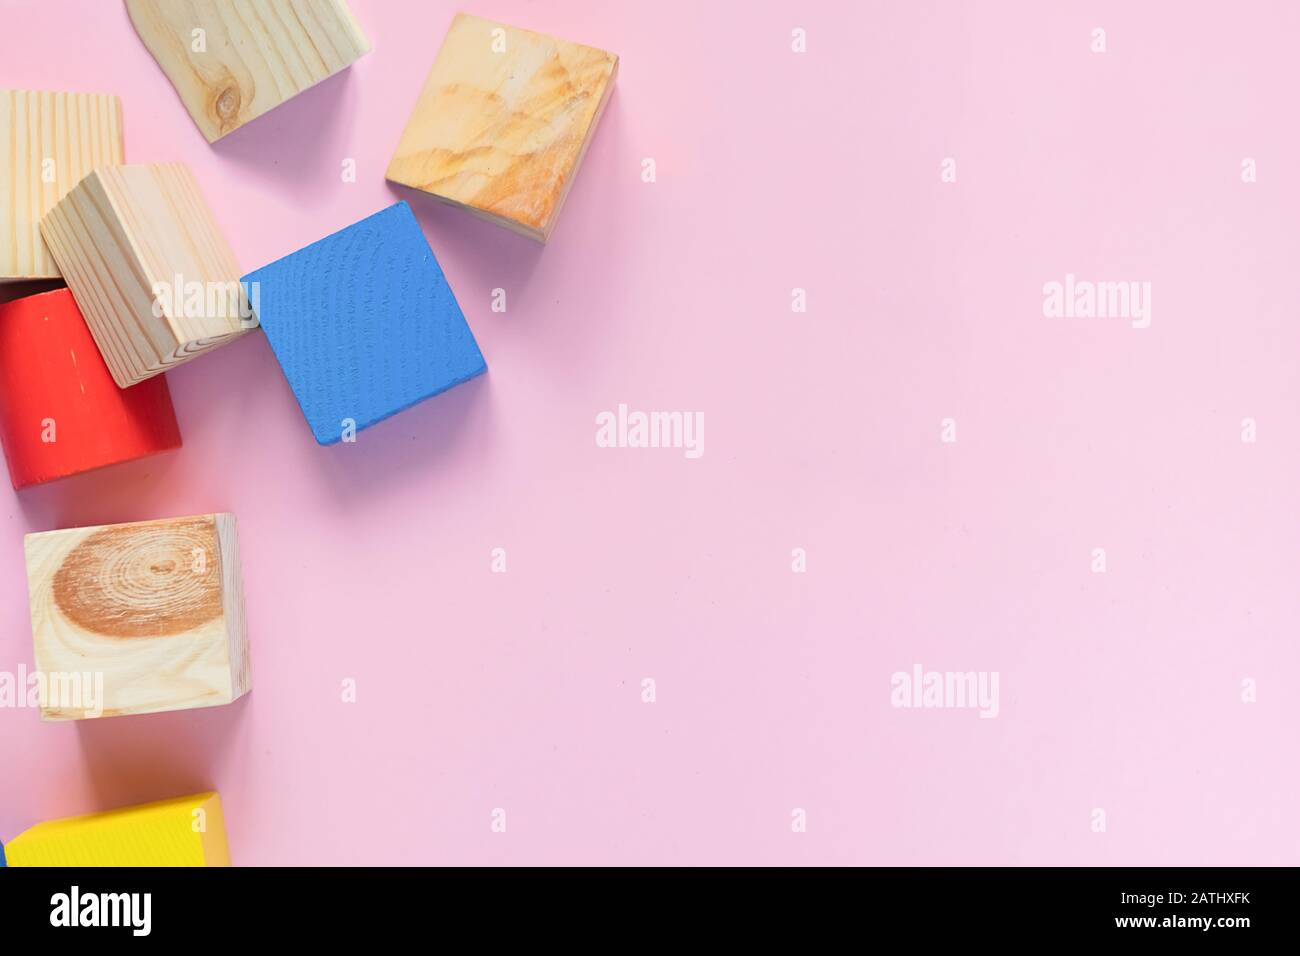 Juguetes de madera para niños sobre un concepto de fondo rosa cero al oeste. Marco de cubos de colores en desarrollo. Espacio de copia. Diseño plano de vista superior. Foto de stock